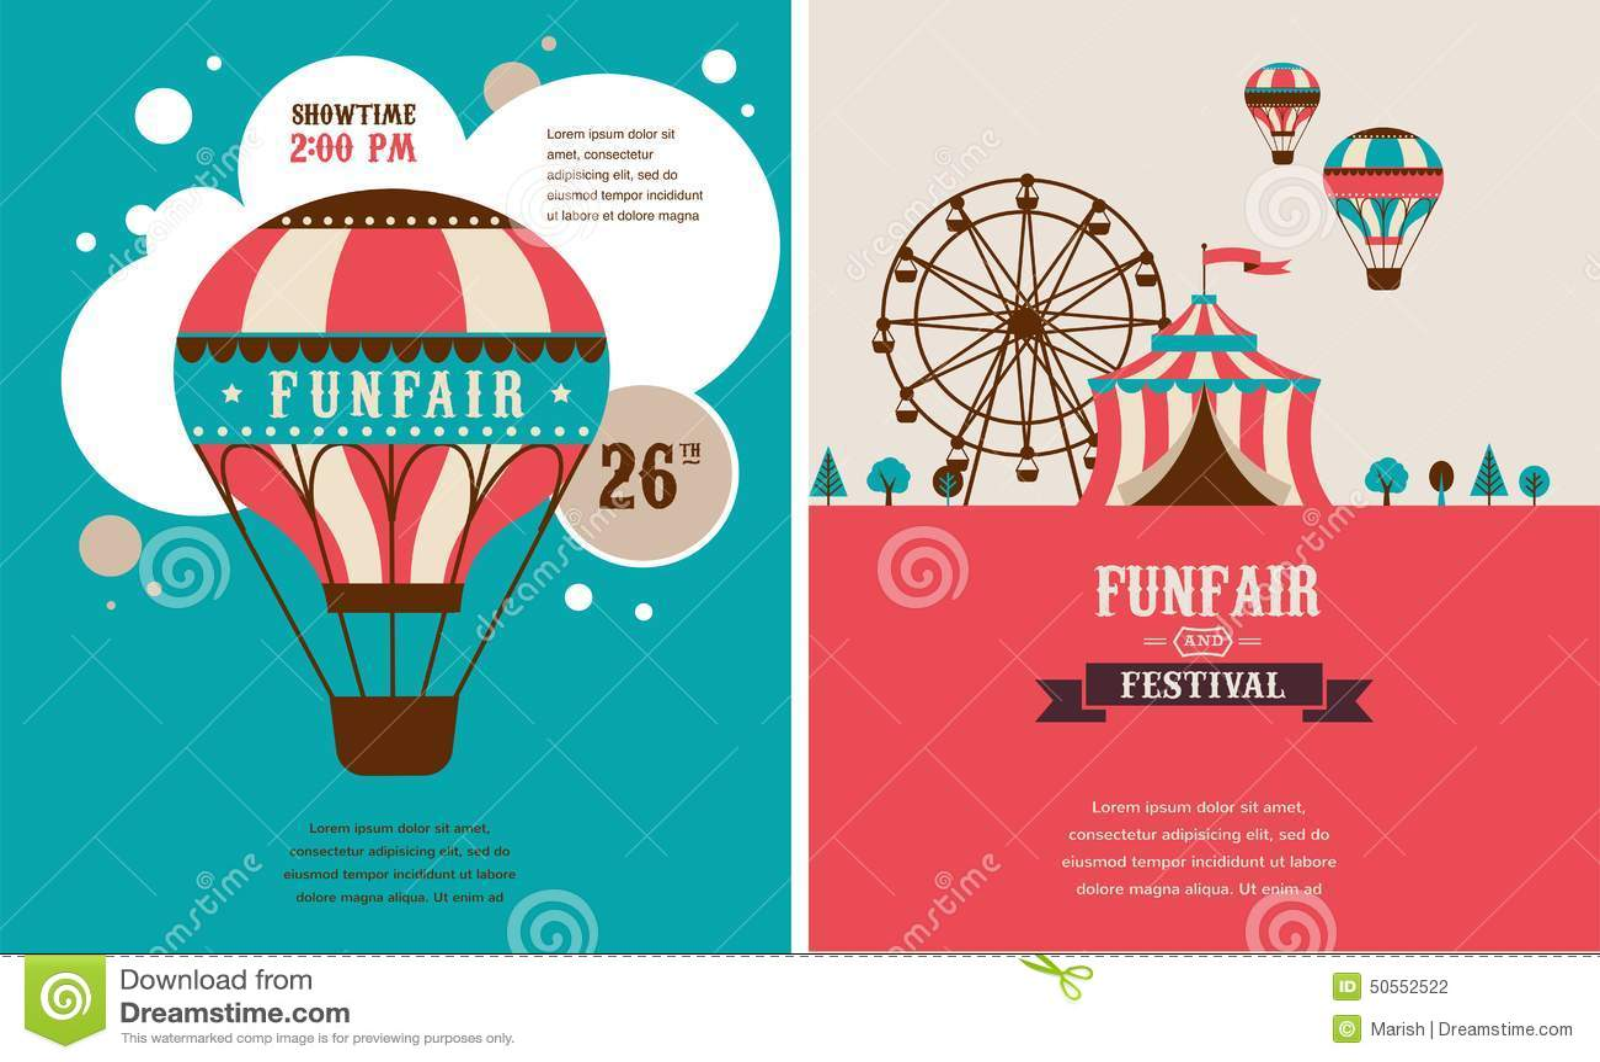 Εκλεκτής ποιότητας αφίσα με καρναβάλι, έκθεση διασκέδασης, τσίρκο